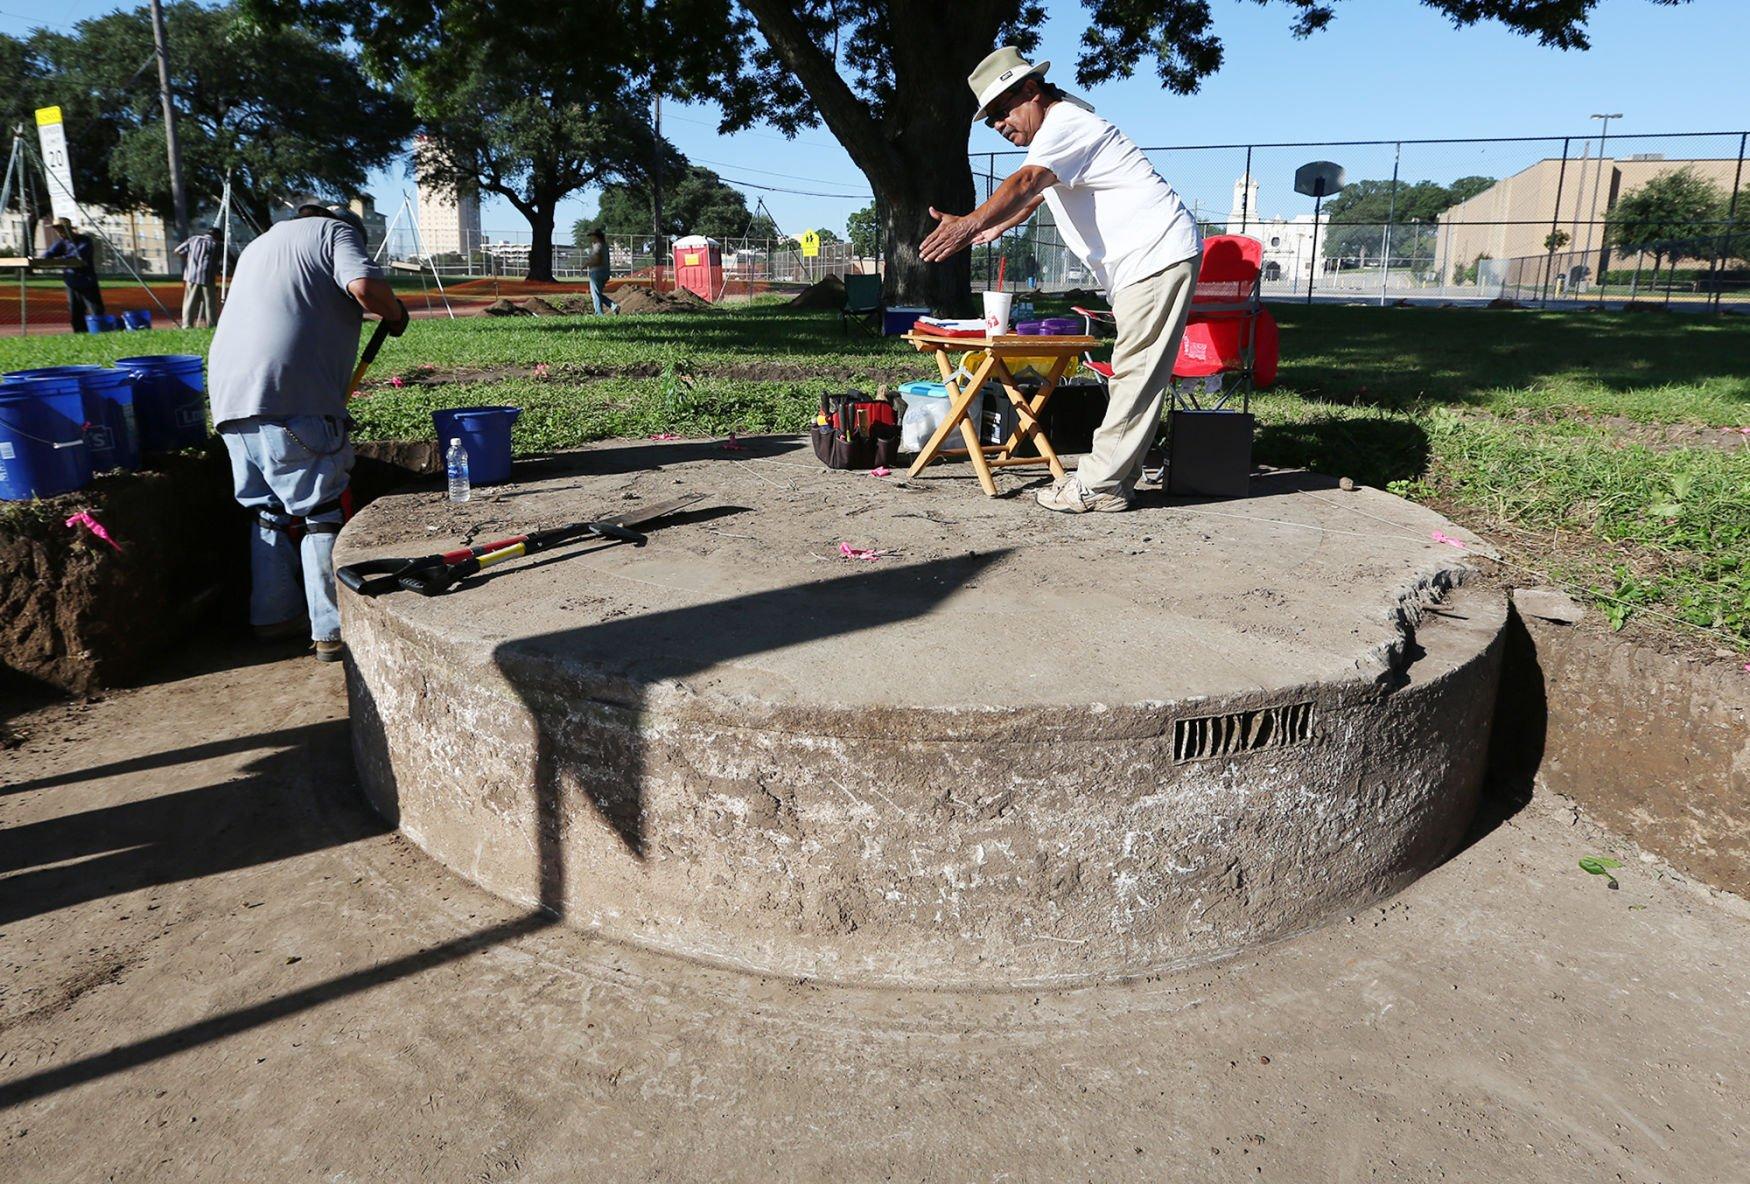 La Pila La Pila fountain once central